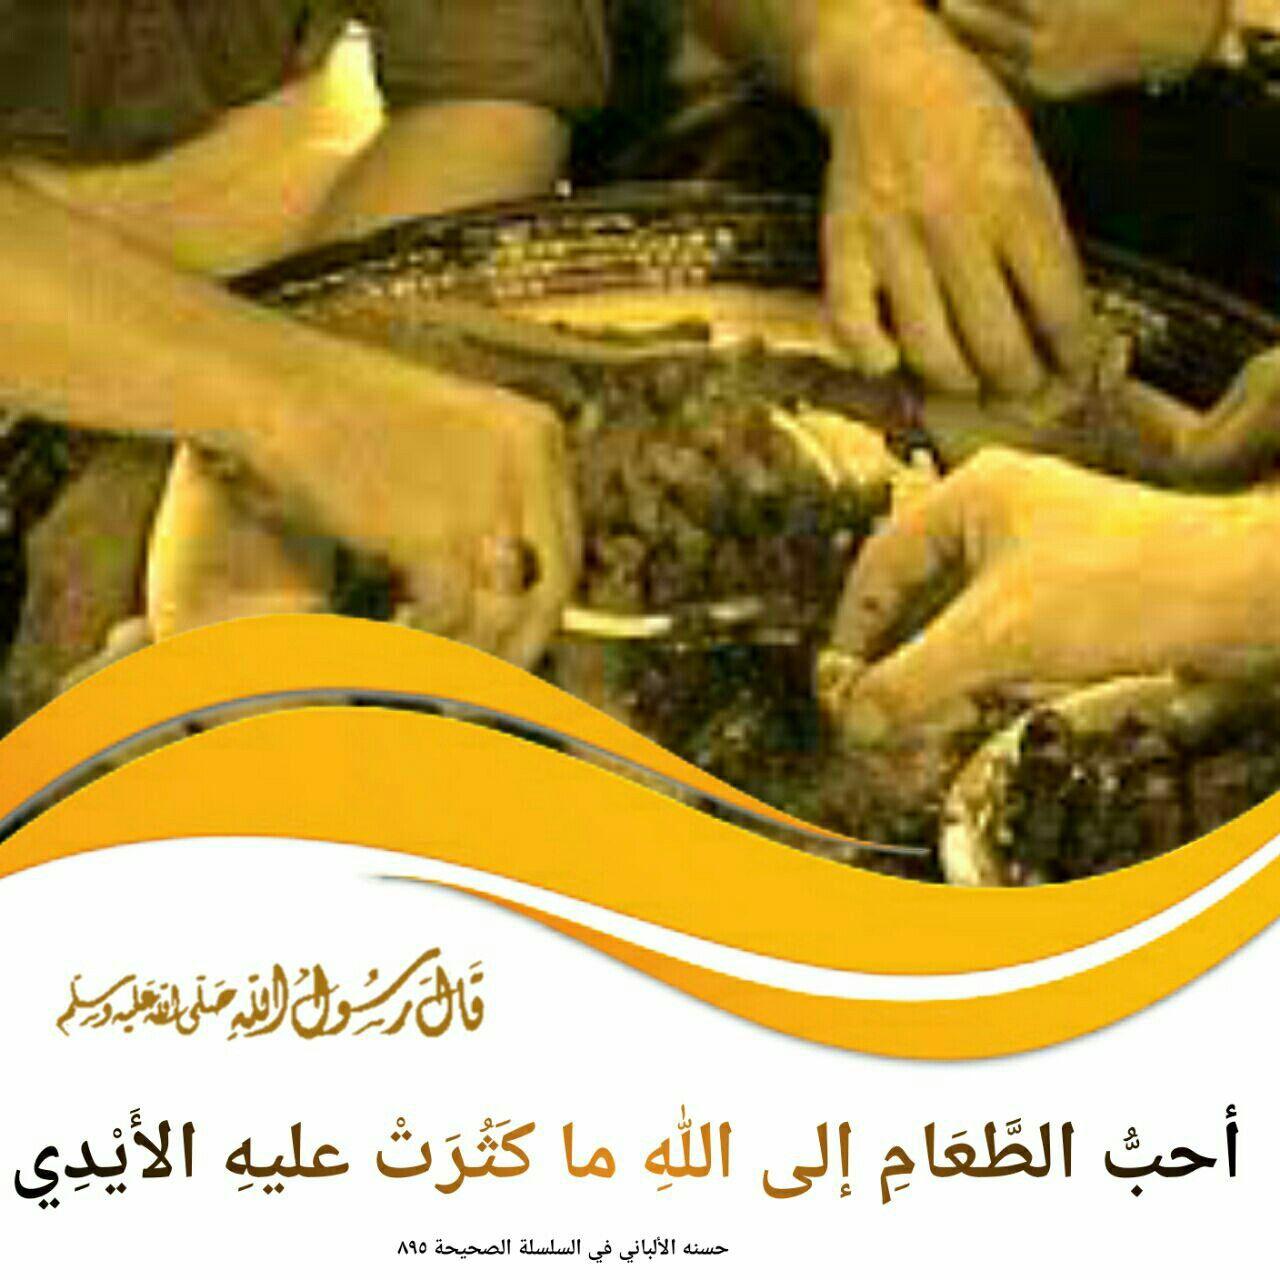 قال رسول الله صلى الله عليه وسلم أحب الطعام الى الله ما كثرت عليه الأيدي Food Meat Beef